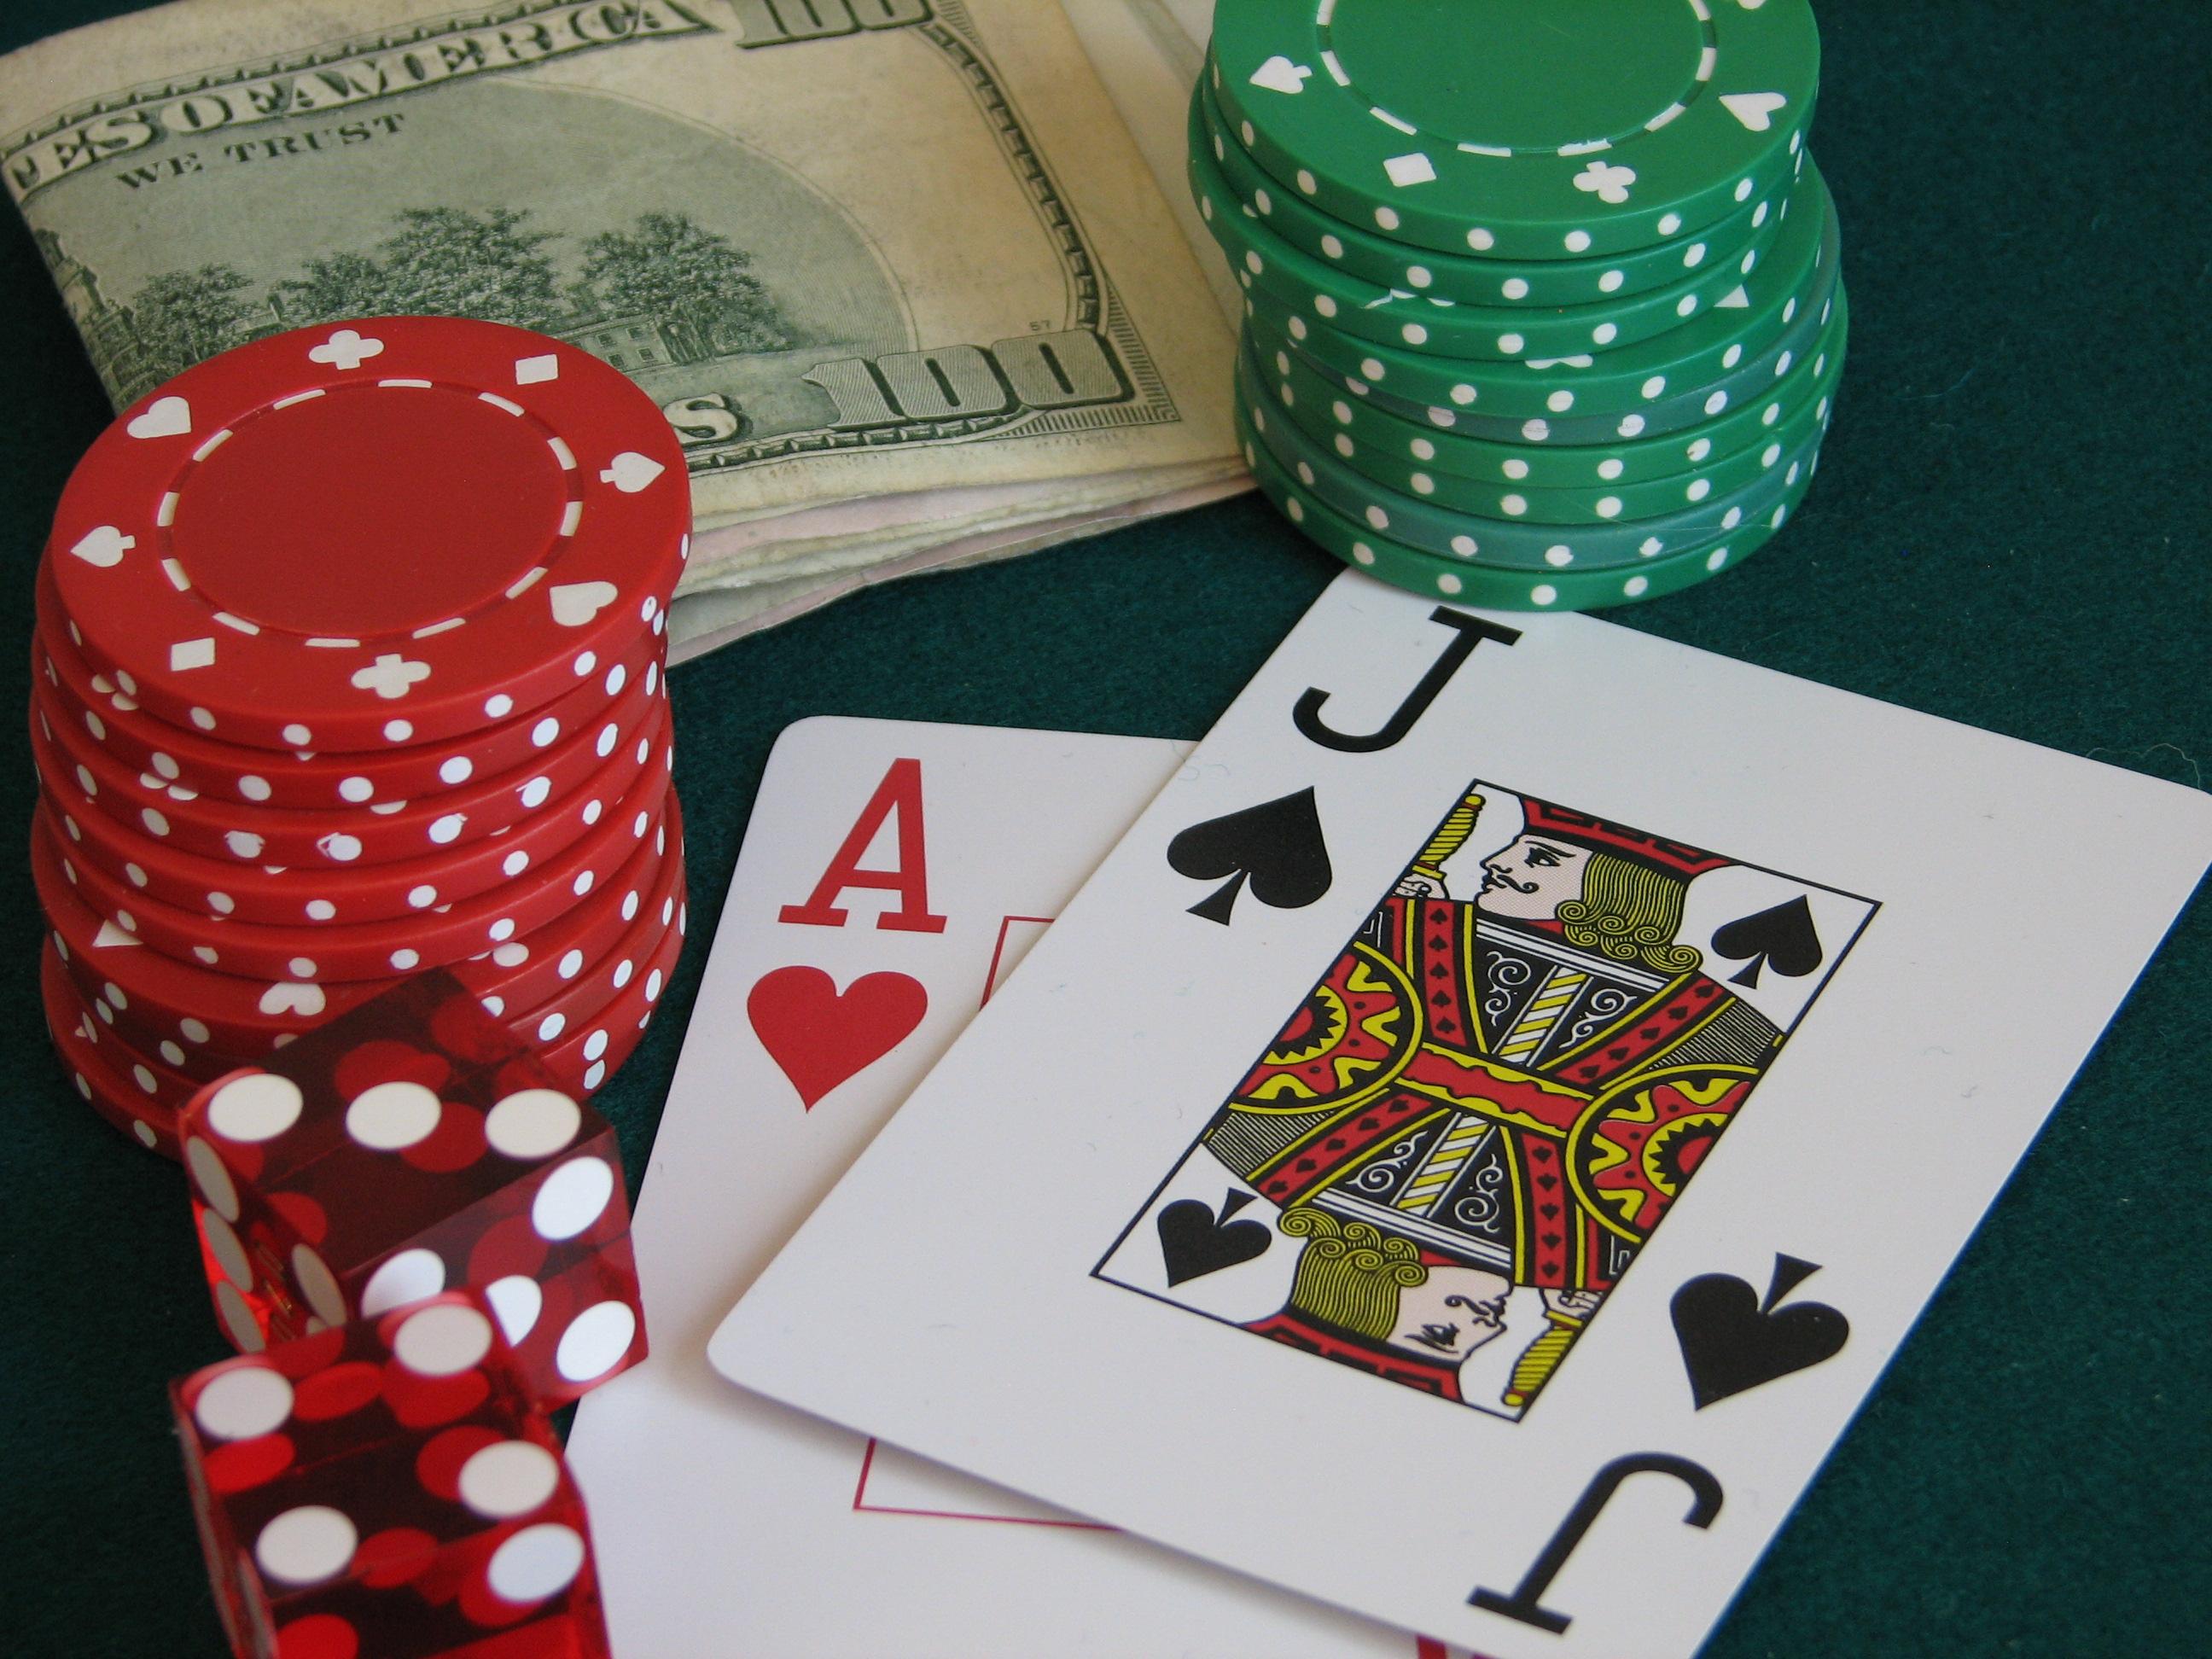 dafabet-blackjack-online